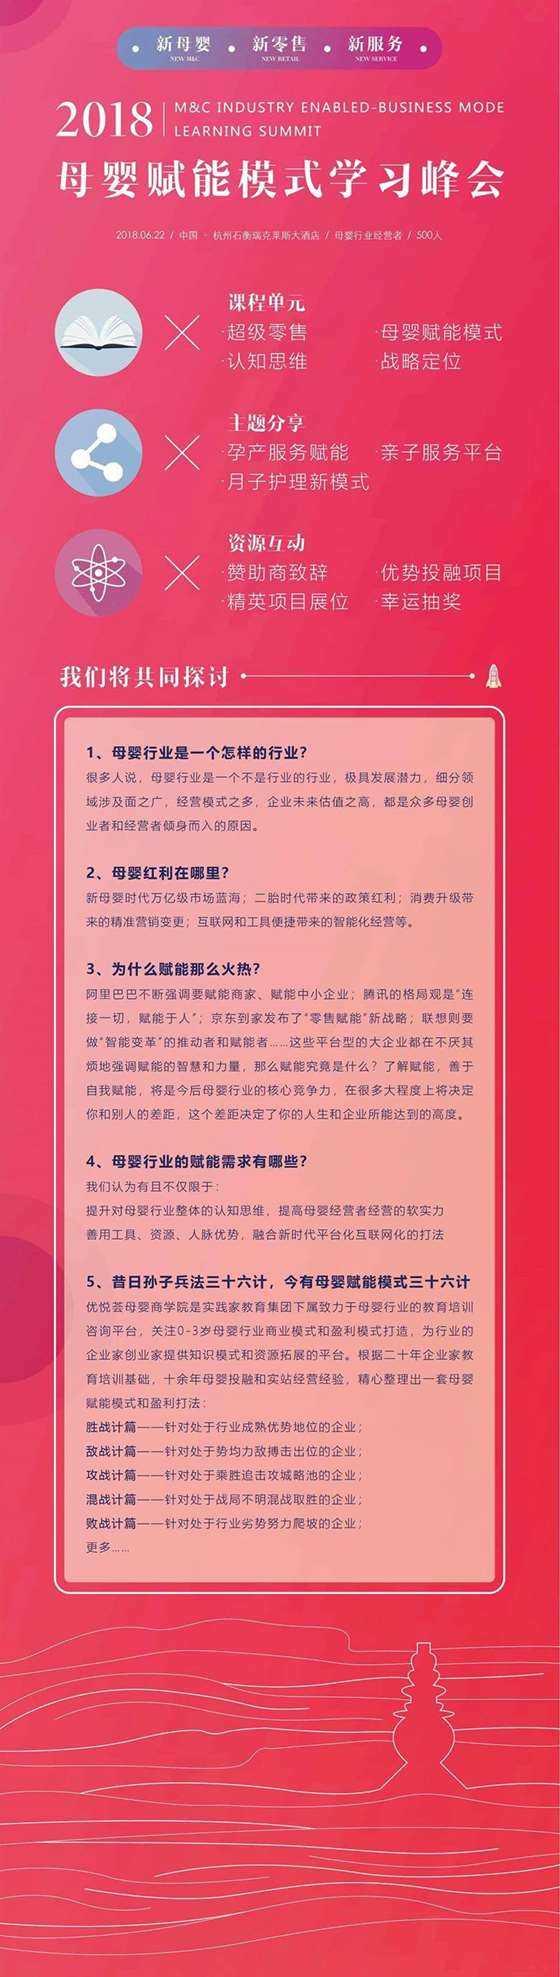 优悦荟长图_画板-1_03.gif